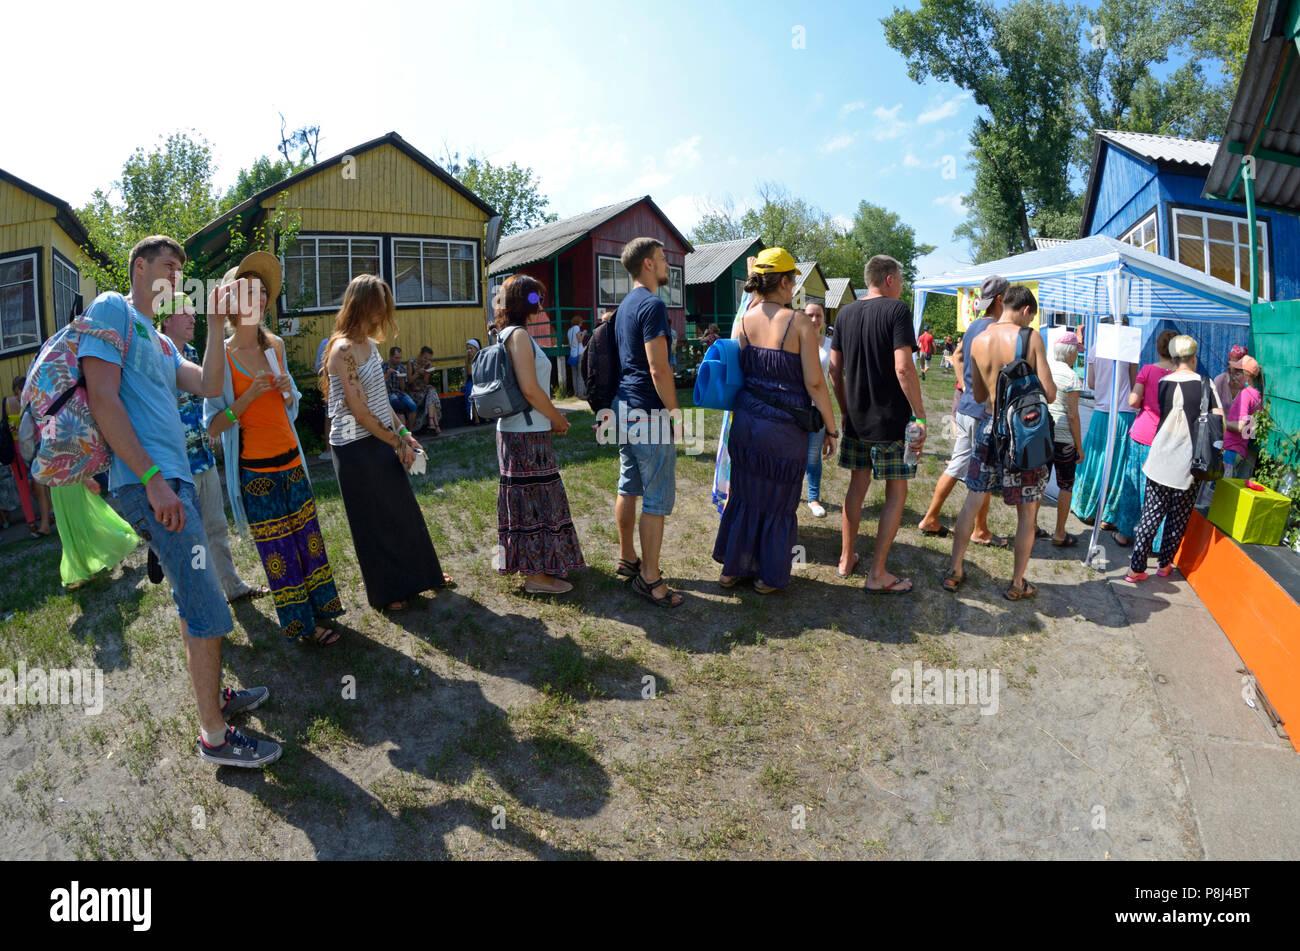 Le persone in attesa in una coda per Prasad - cibo che è un offerta di religiosi in Krishnaism.Fest di Yoga Vedalife-2017. Agosto 7,2017. A Kiev, Ucraina Immagini Stock